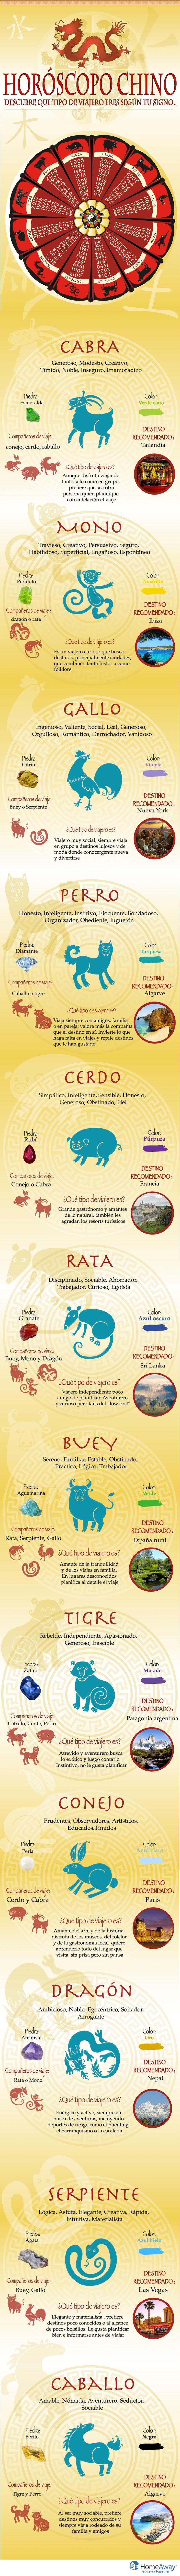 Horoscopo_chino_infografia 2015